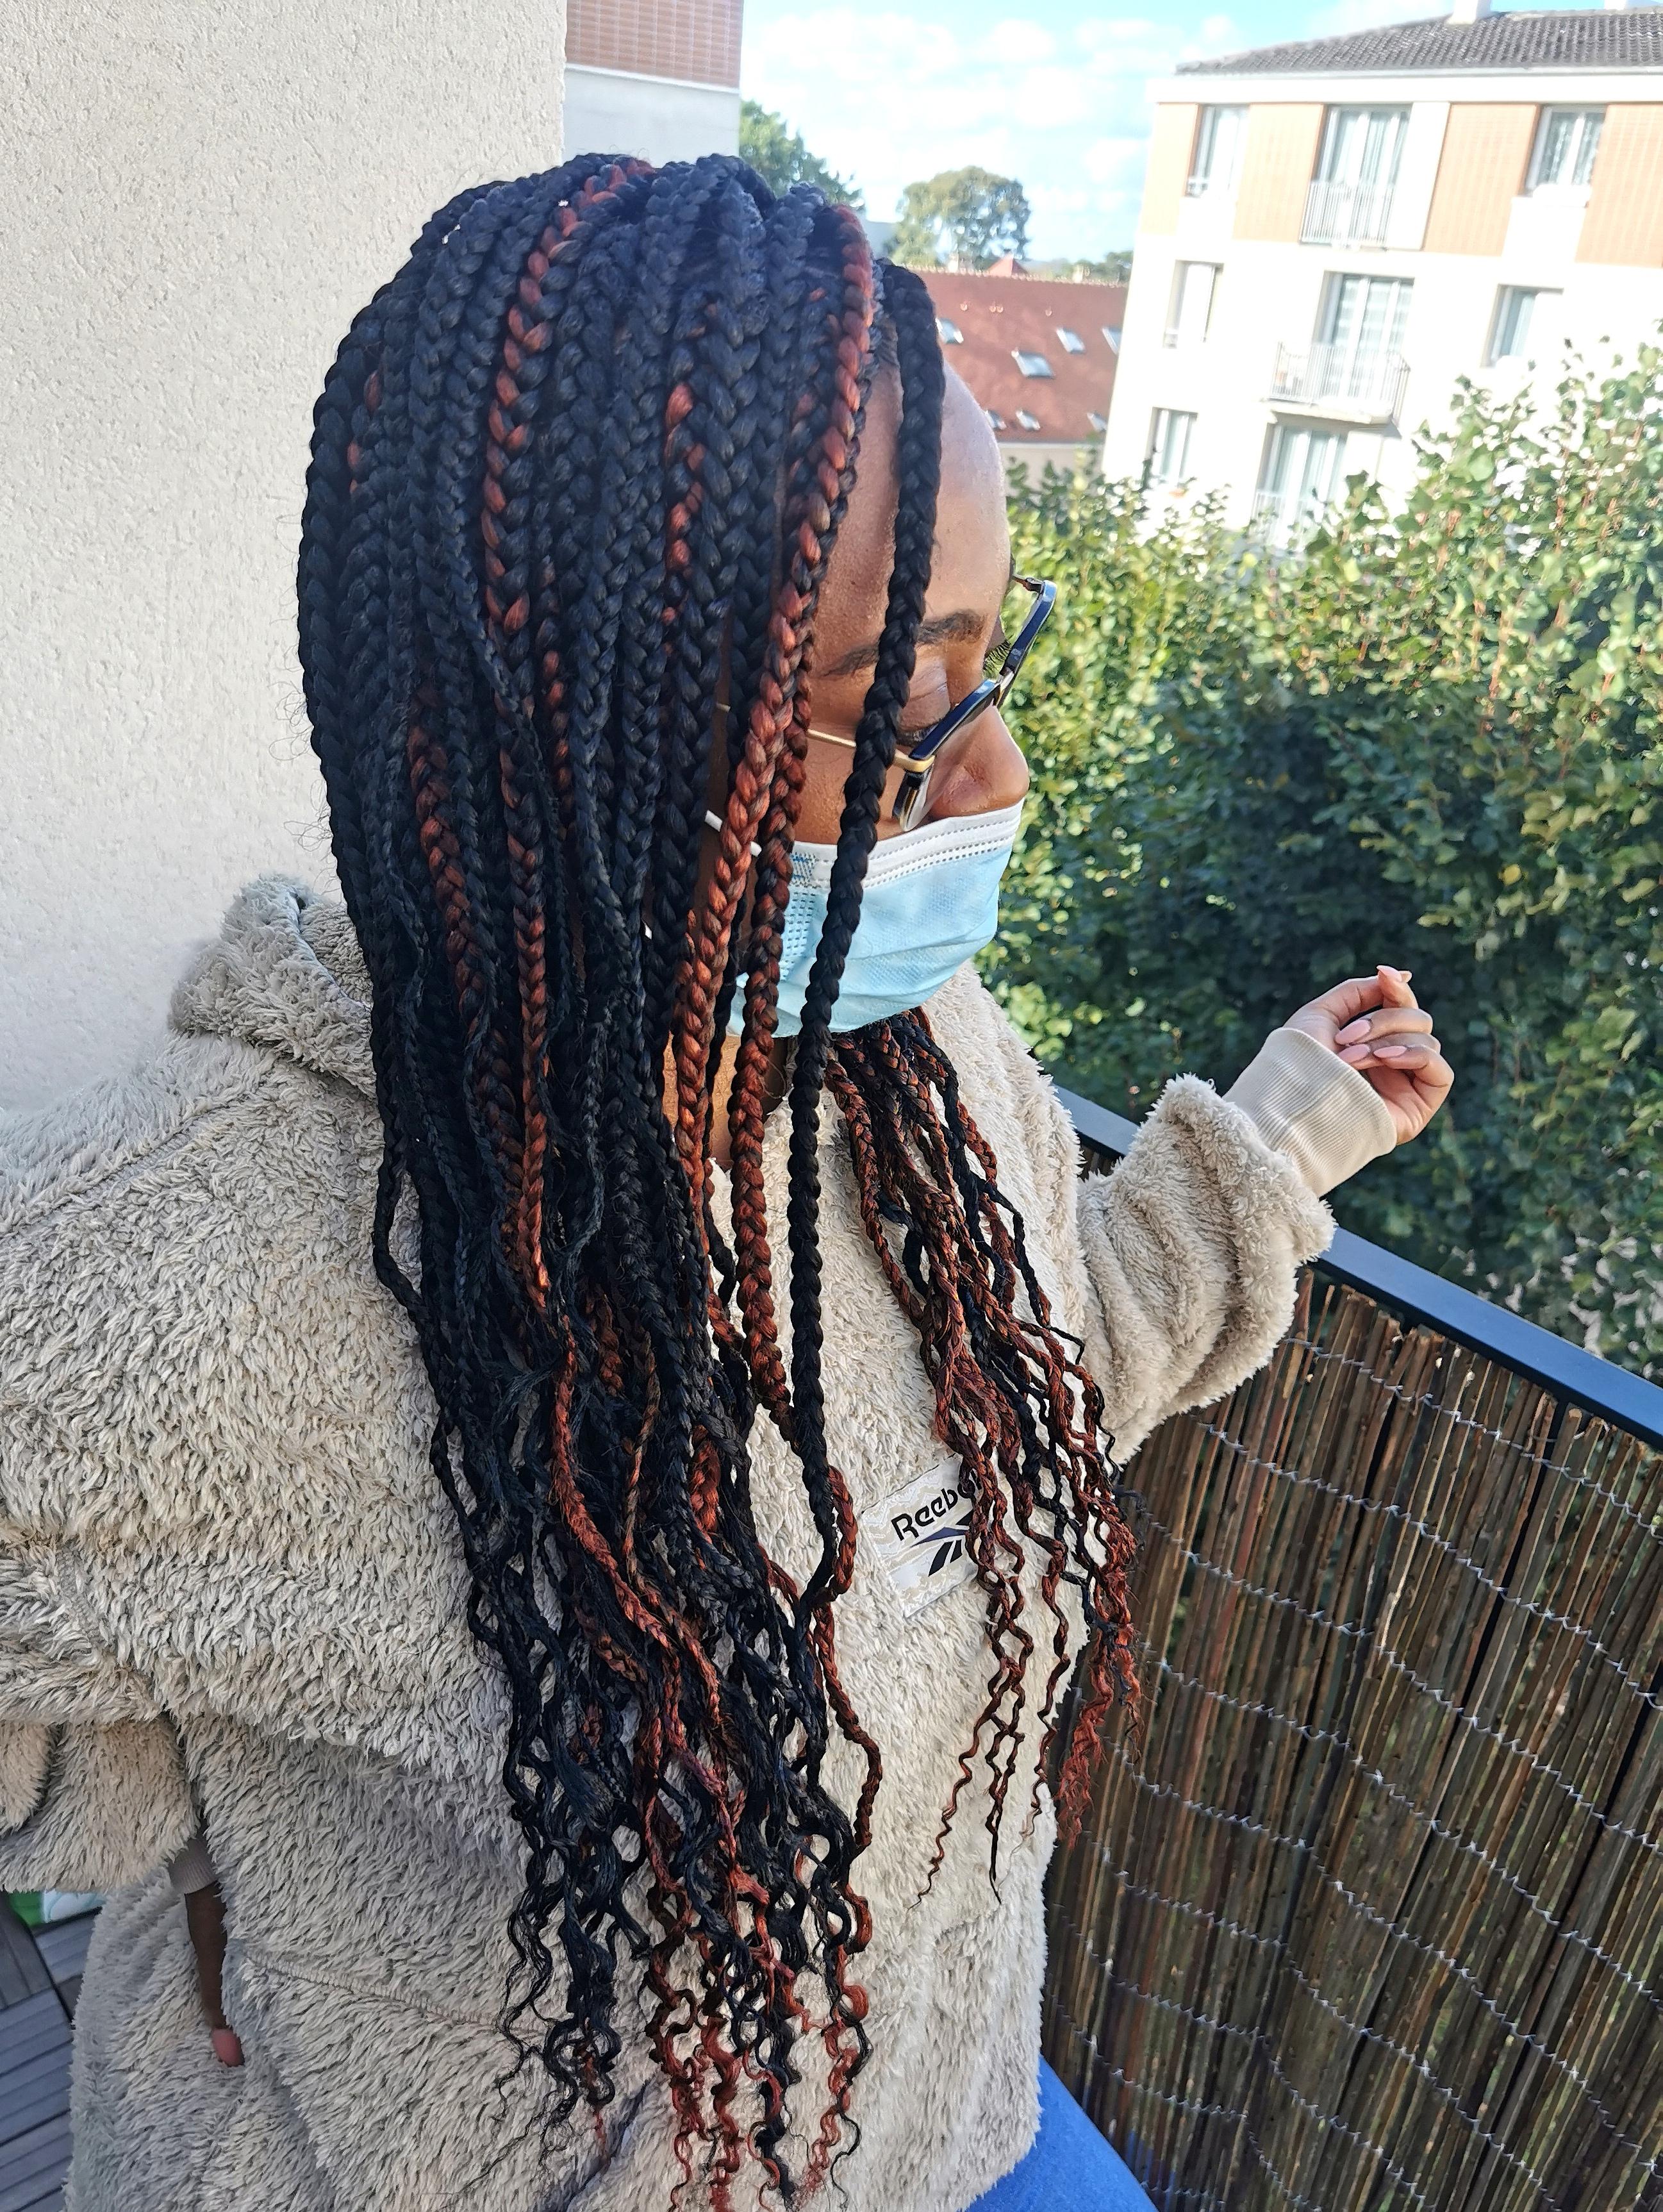 salon de coiffure afro tresse tresses box braids crochet braids vanilles tissages paris 75 77 78 91 92 93 94 95 SCJCOFQH